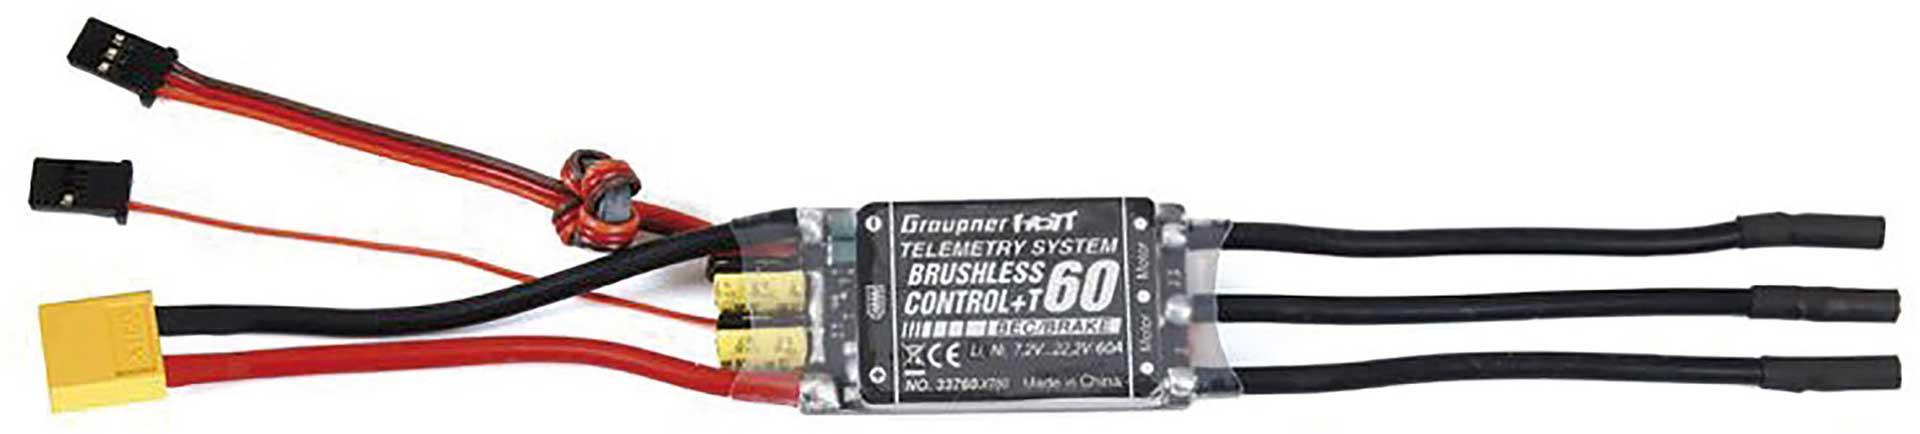 GRAUPNER BRUSHLESS CONTROL+ T 60 BEC G2 XT-60